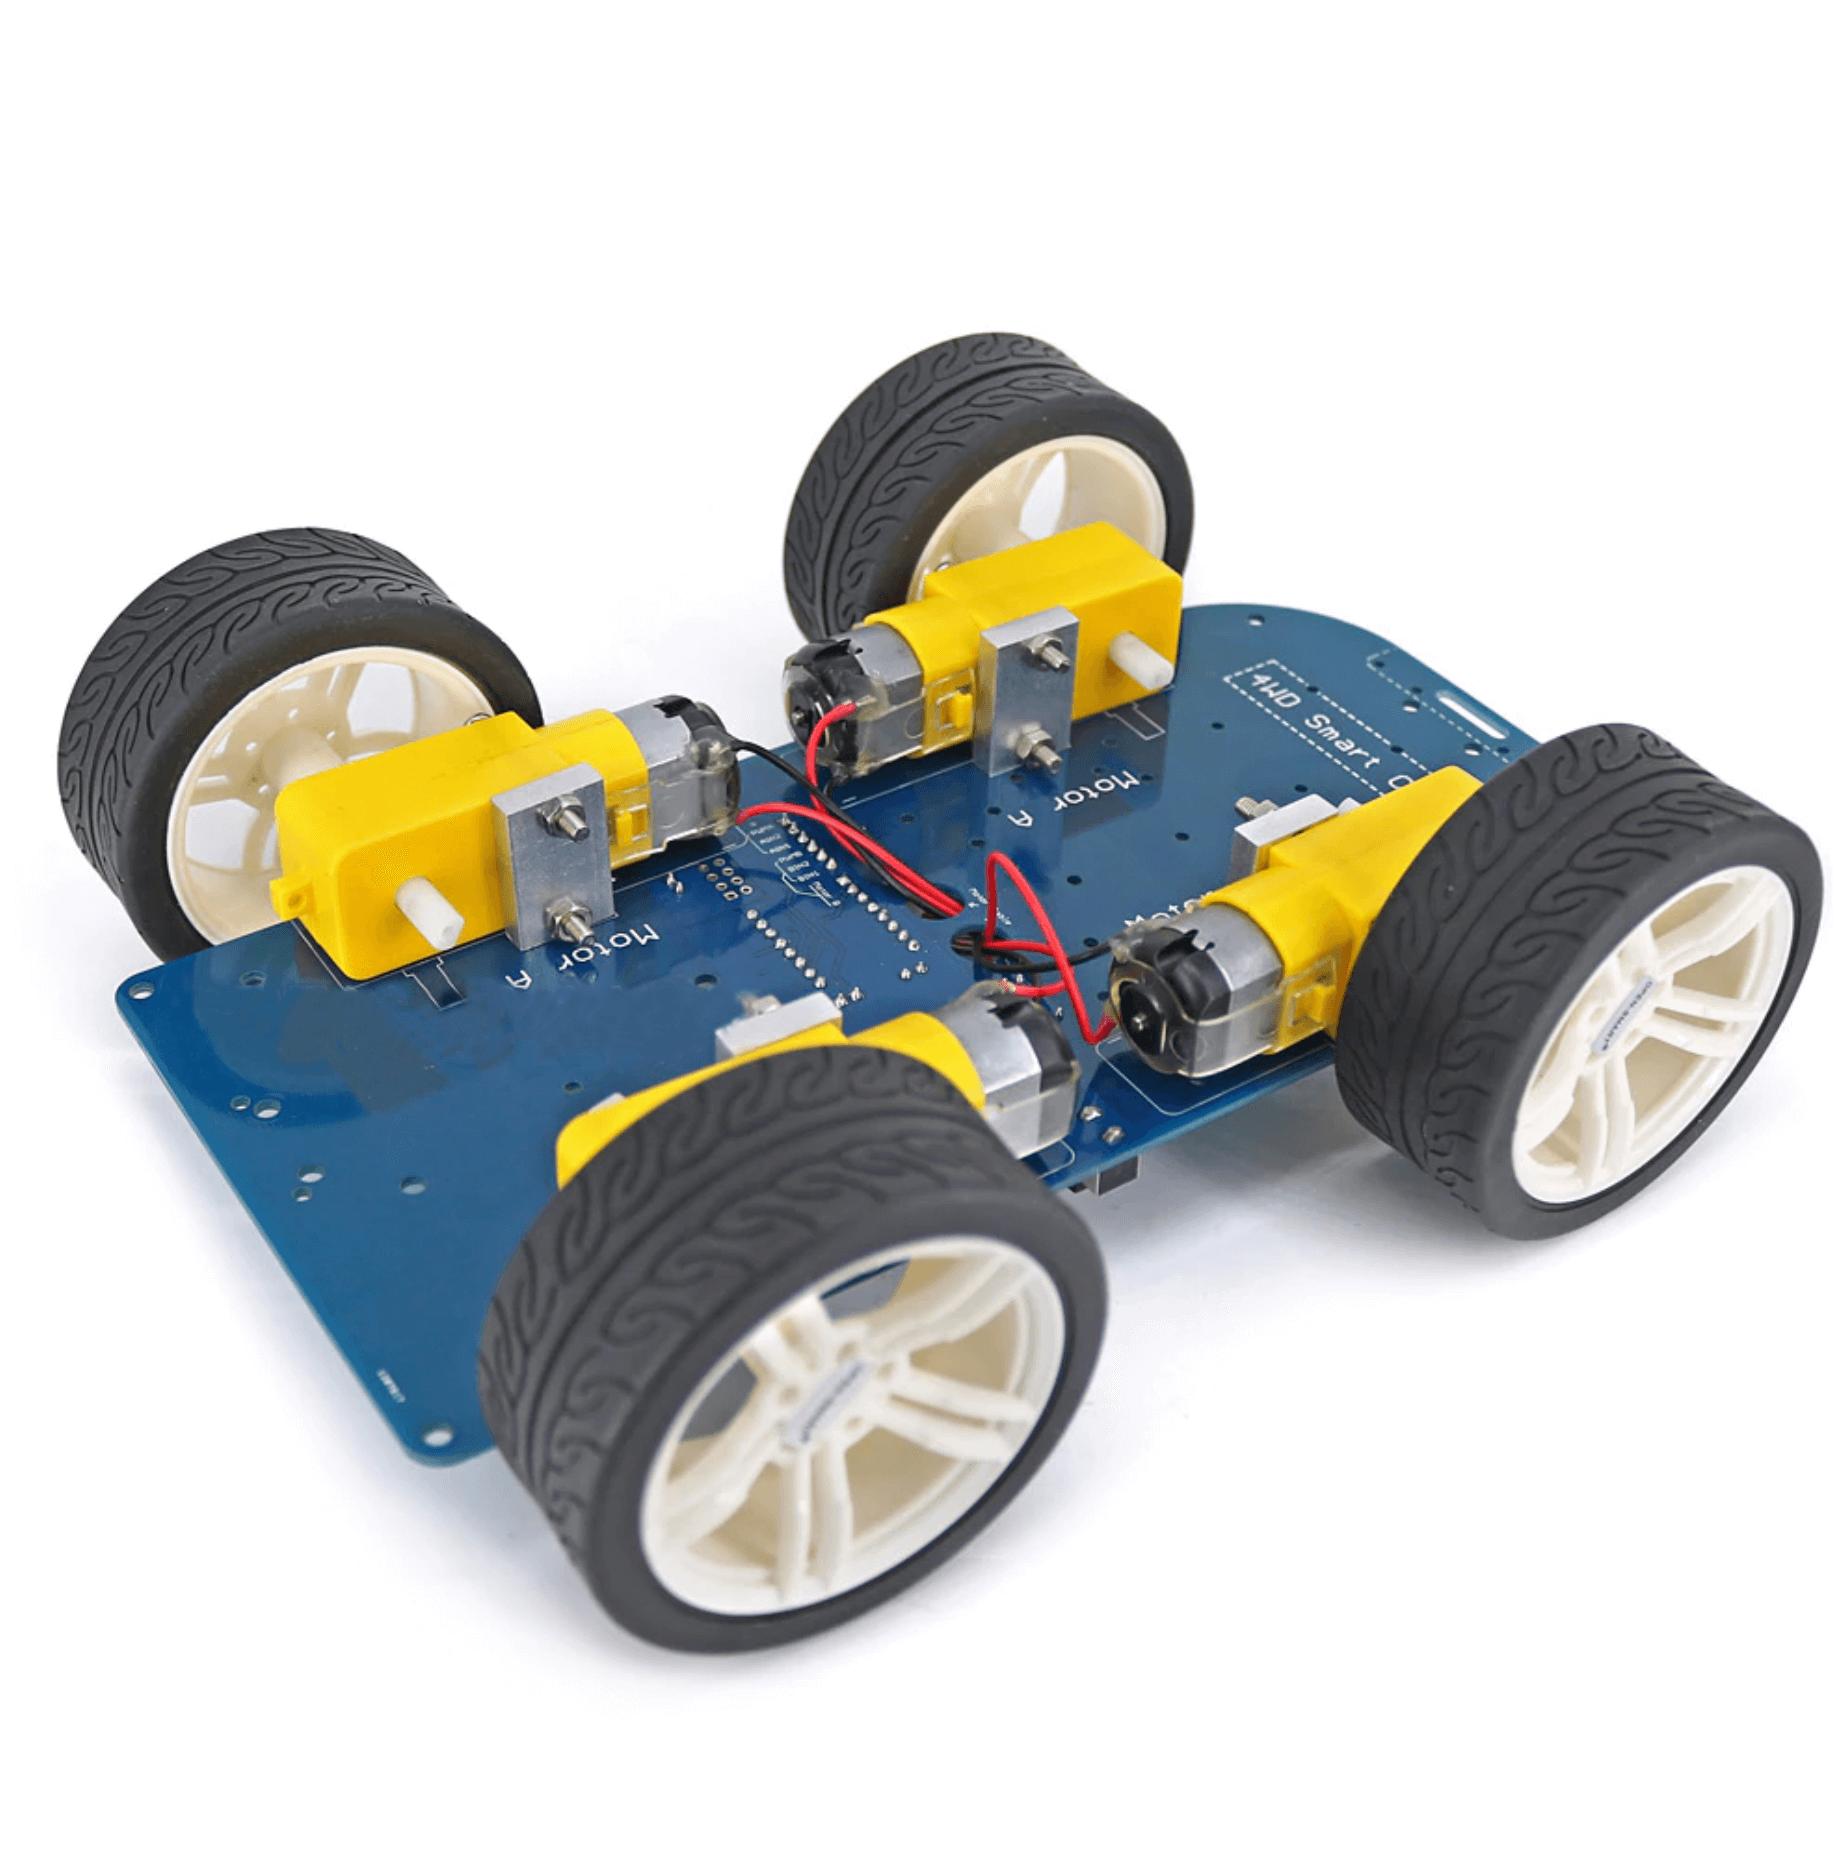 kit mașină inteligentă rw